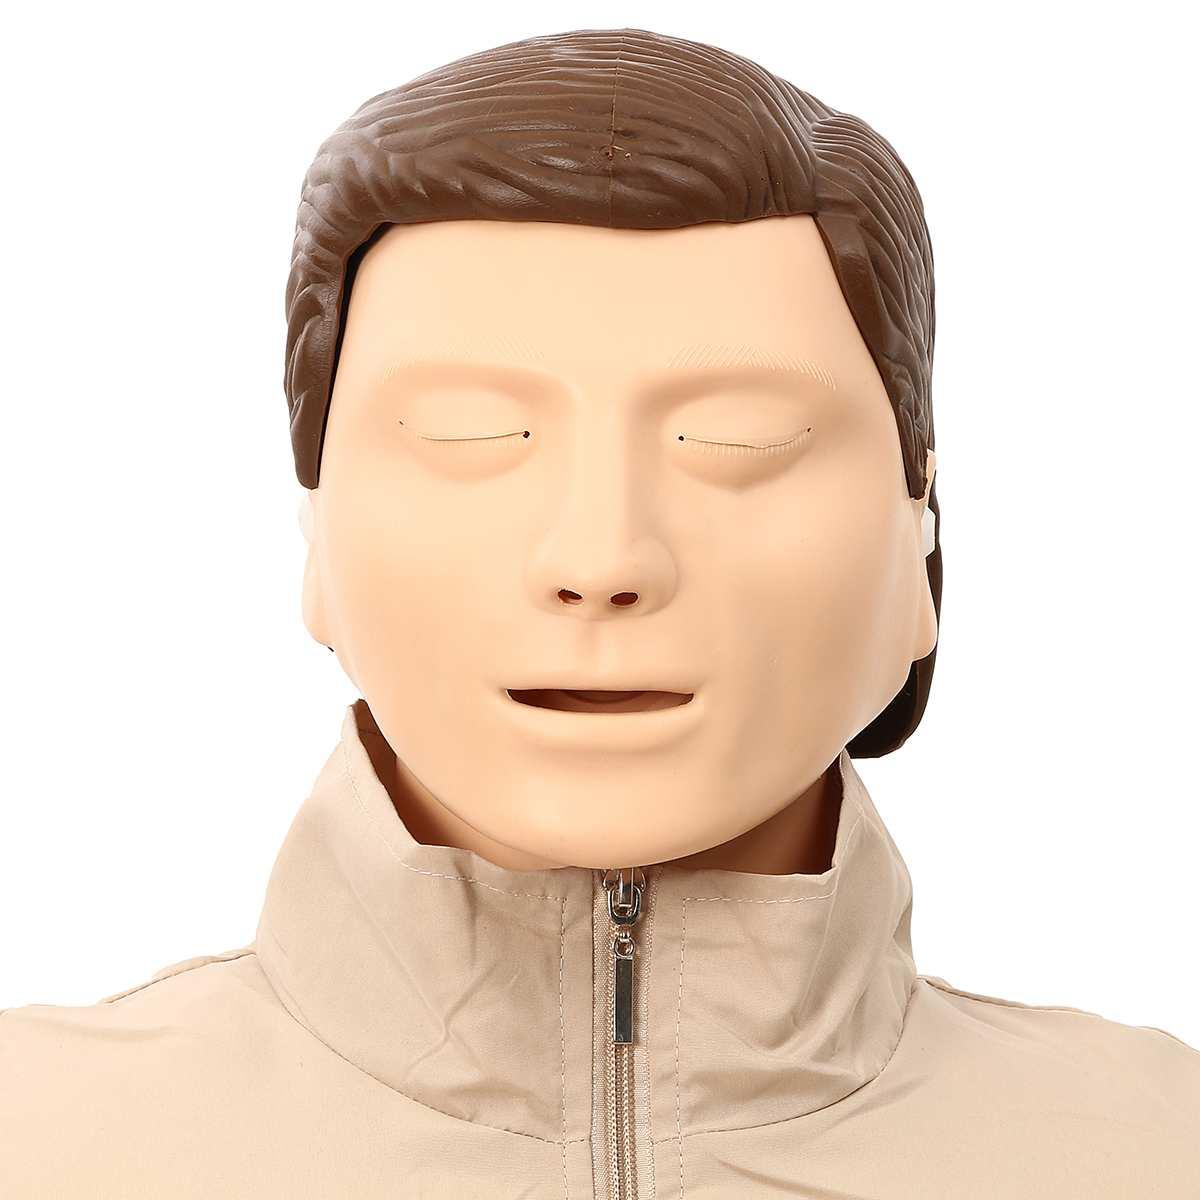 Mannequin de formation en rcr 70x22x34 cm buste Mannequin de formation en soins infirmiers professionnels modèle médical modèle de formation en premiers soins humains nouveau - 5